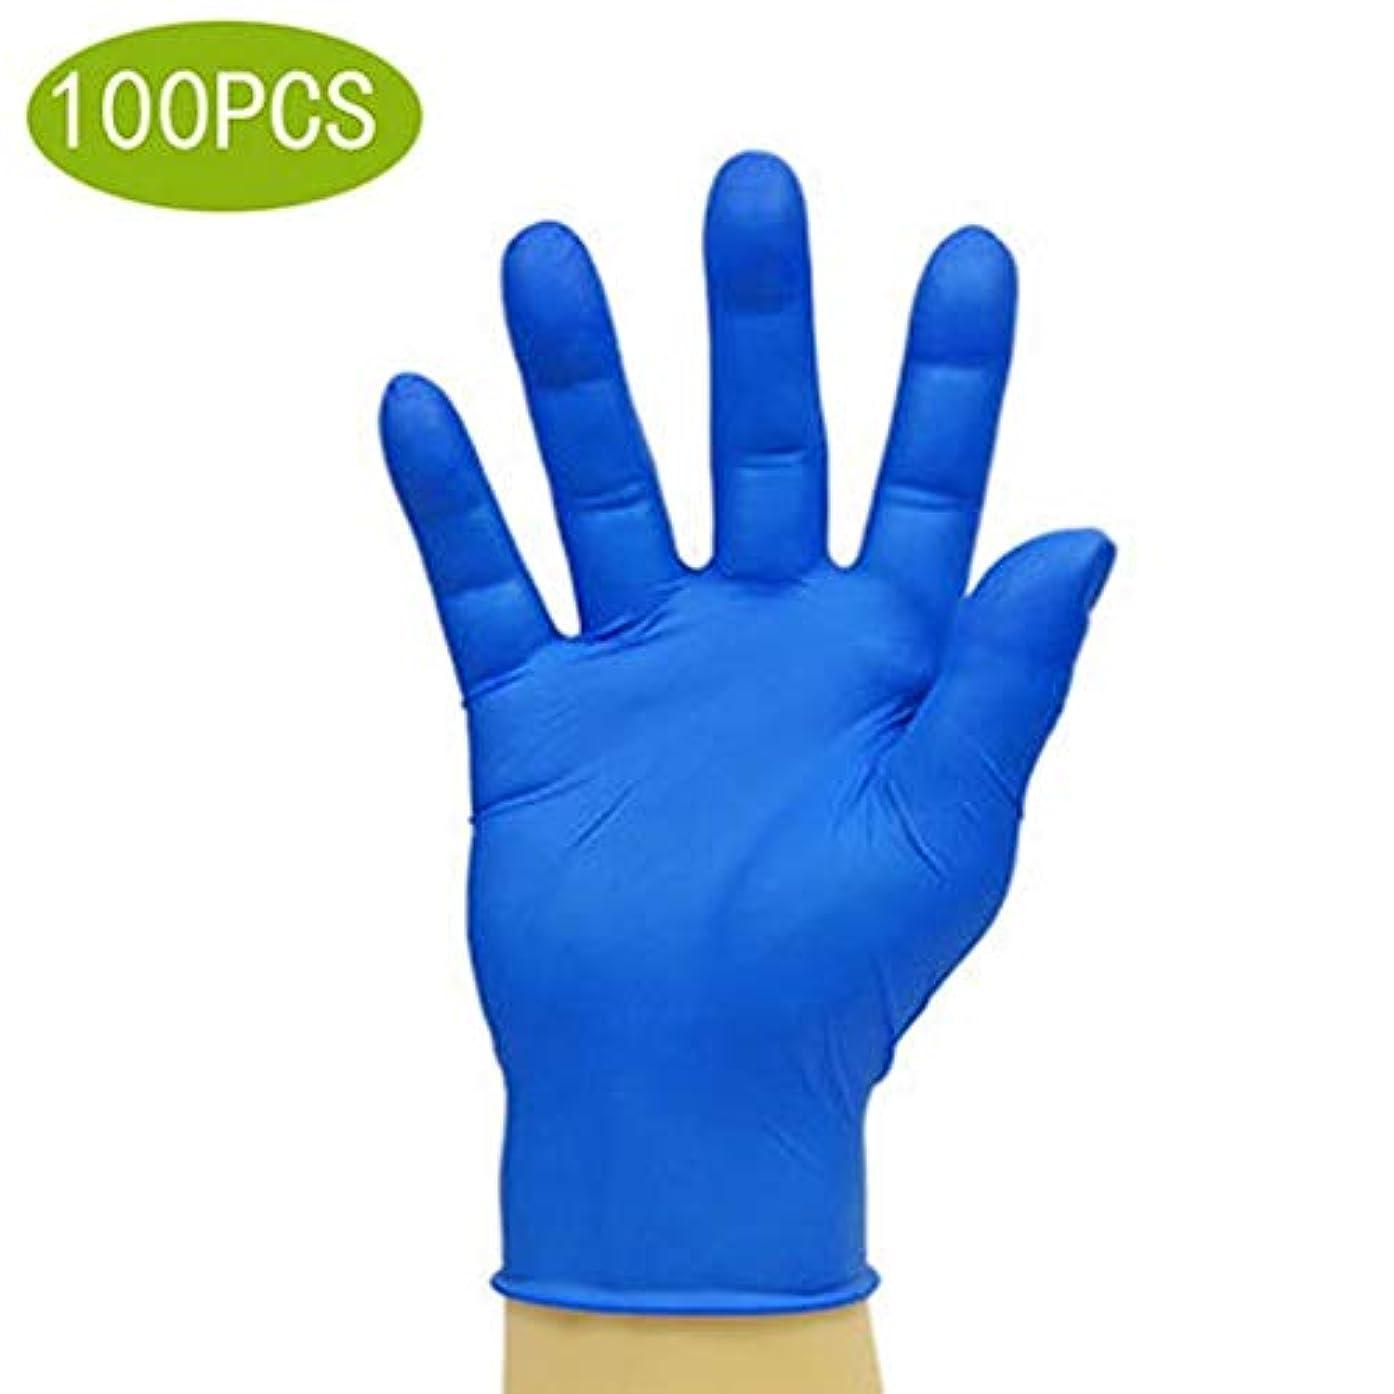 フィットネスジャーナリストアスペクト家庭用品使い捨て手袋ニトリル試験手袋医療用グレードパウダーフリー非S-L、インディゴ、ラージ、100カウント (Size : S)